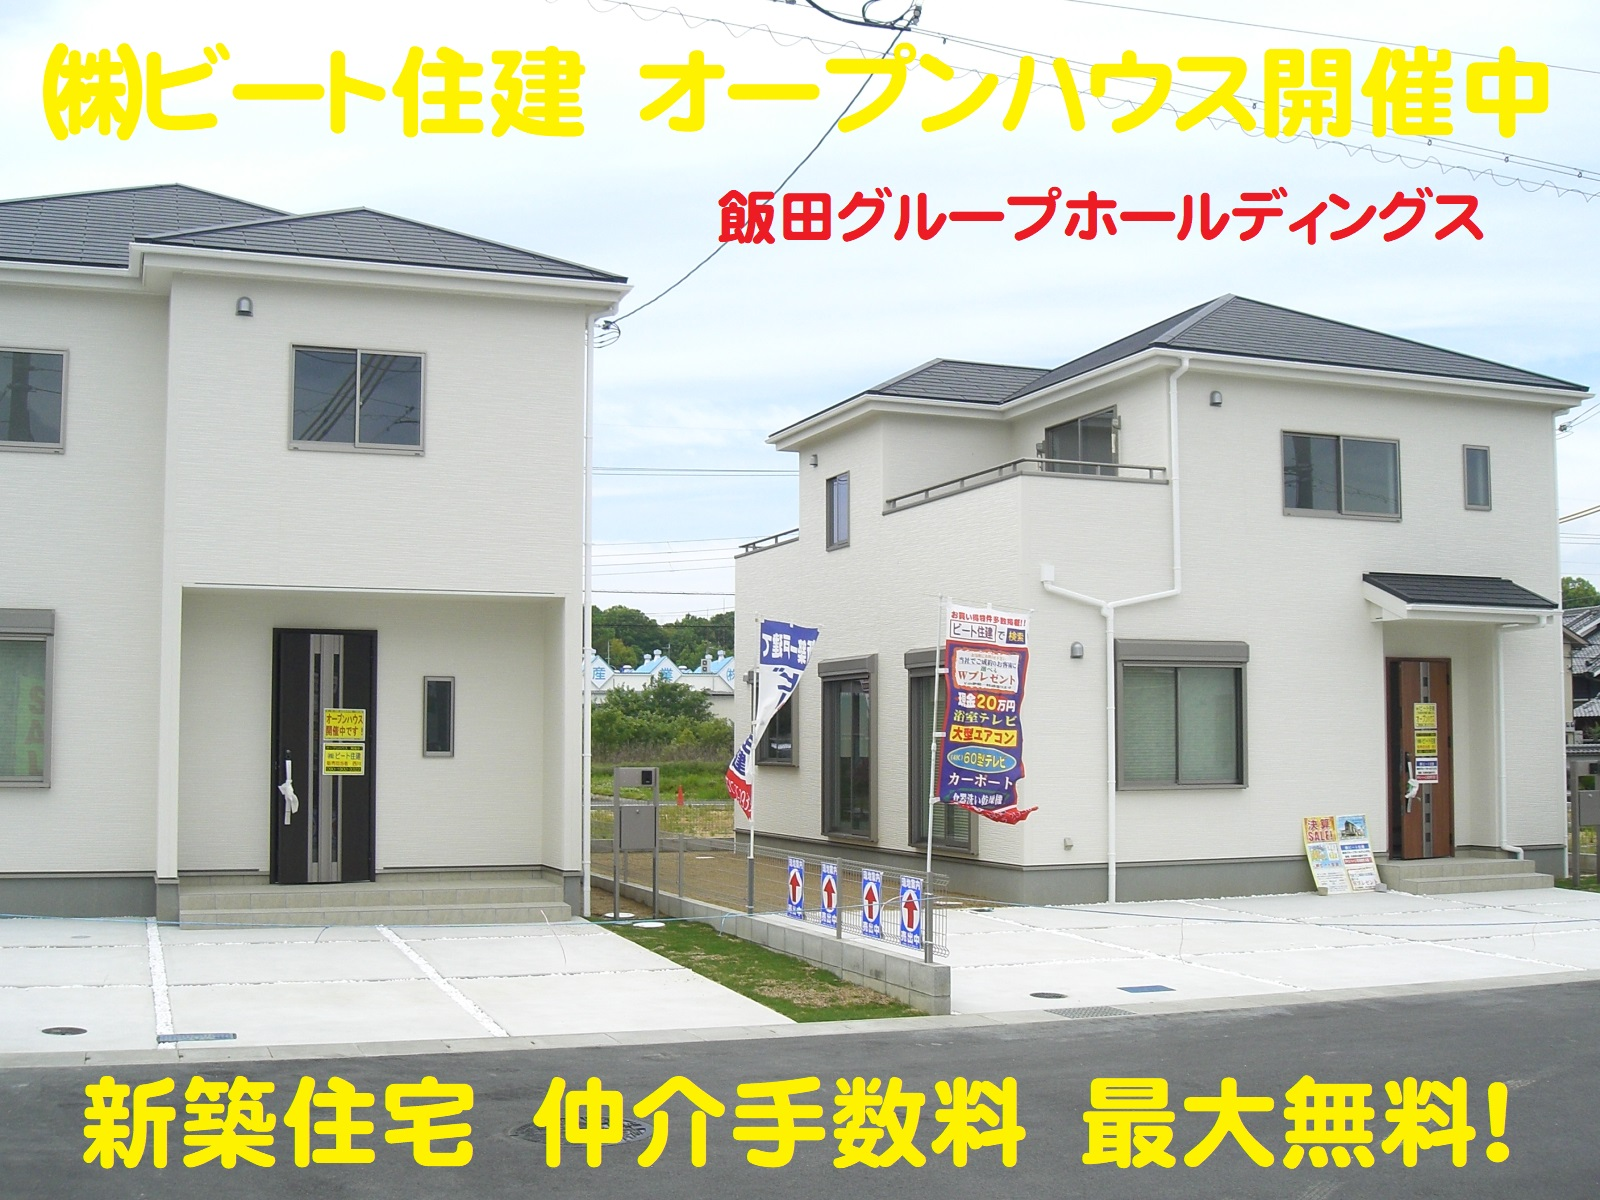 広陵町 寺戸 新築 モデルハウス 御座います!  仲介手数料 最大無料です!